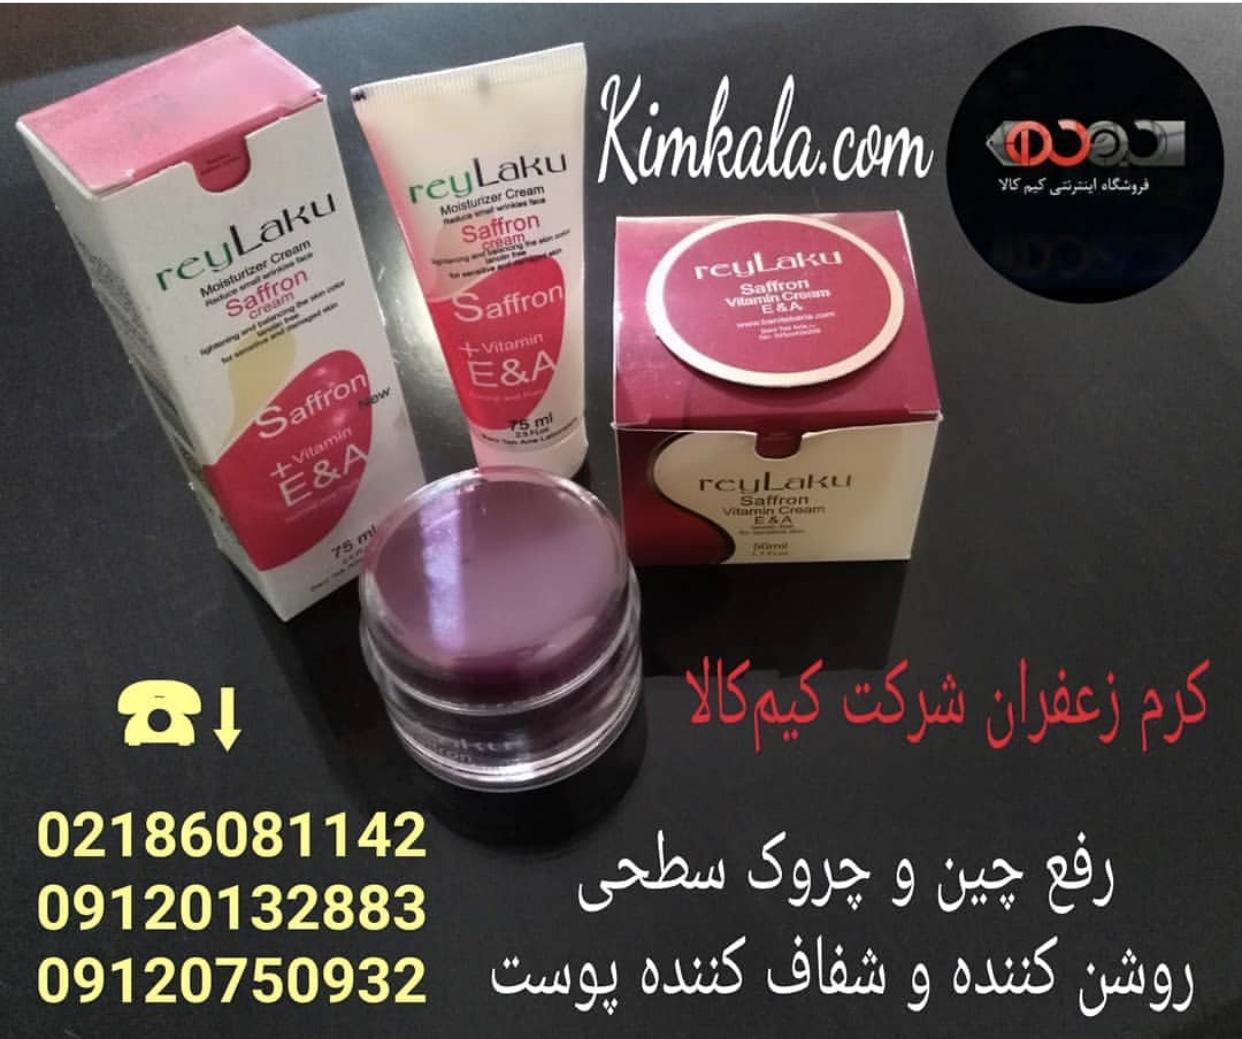 کرم زعفران ریلاکو 09120750932 محافظت از اسیب های نور خورشید